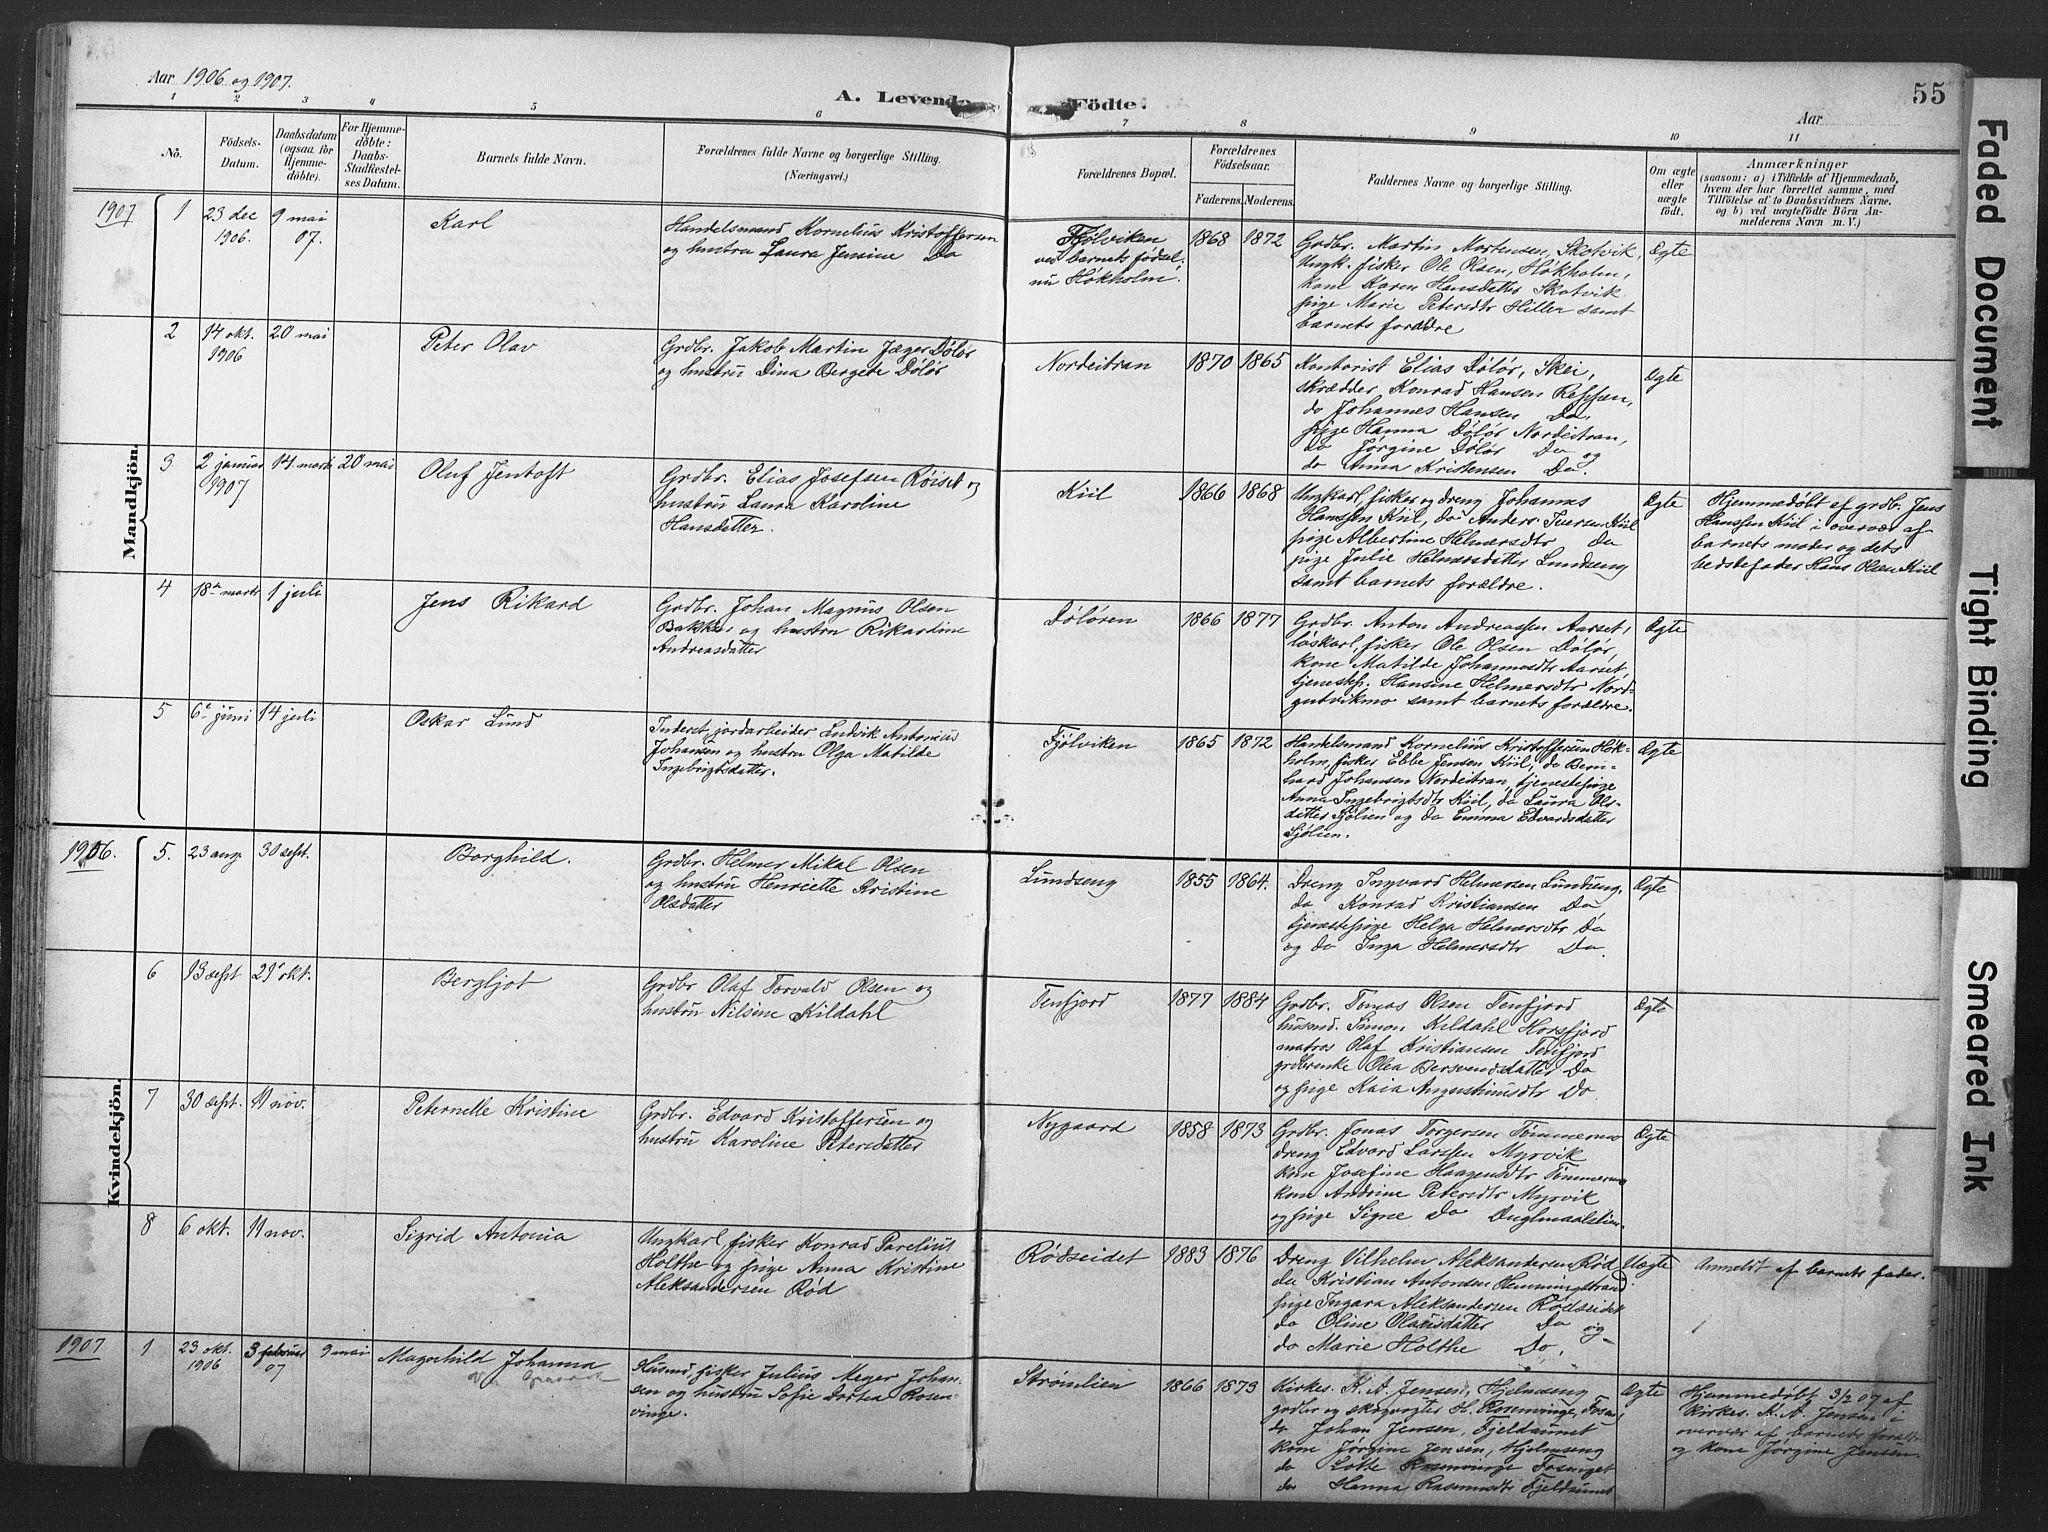 SAT, Ministerialprotokoller, klokkerbøker og fødselsregistre - Nord-Trøndelag, 789/L0706: Klokkerbok nr. 789C01, 1888-1931, s. 55